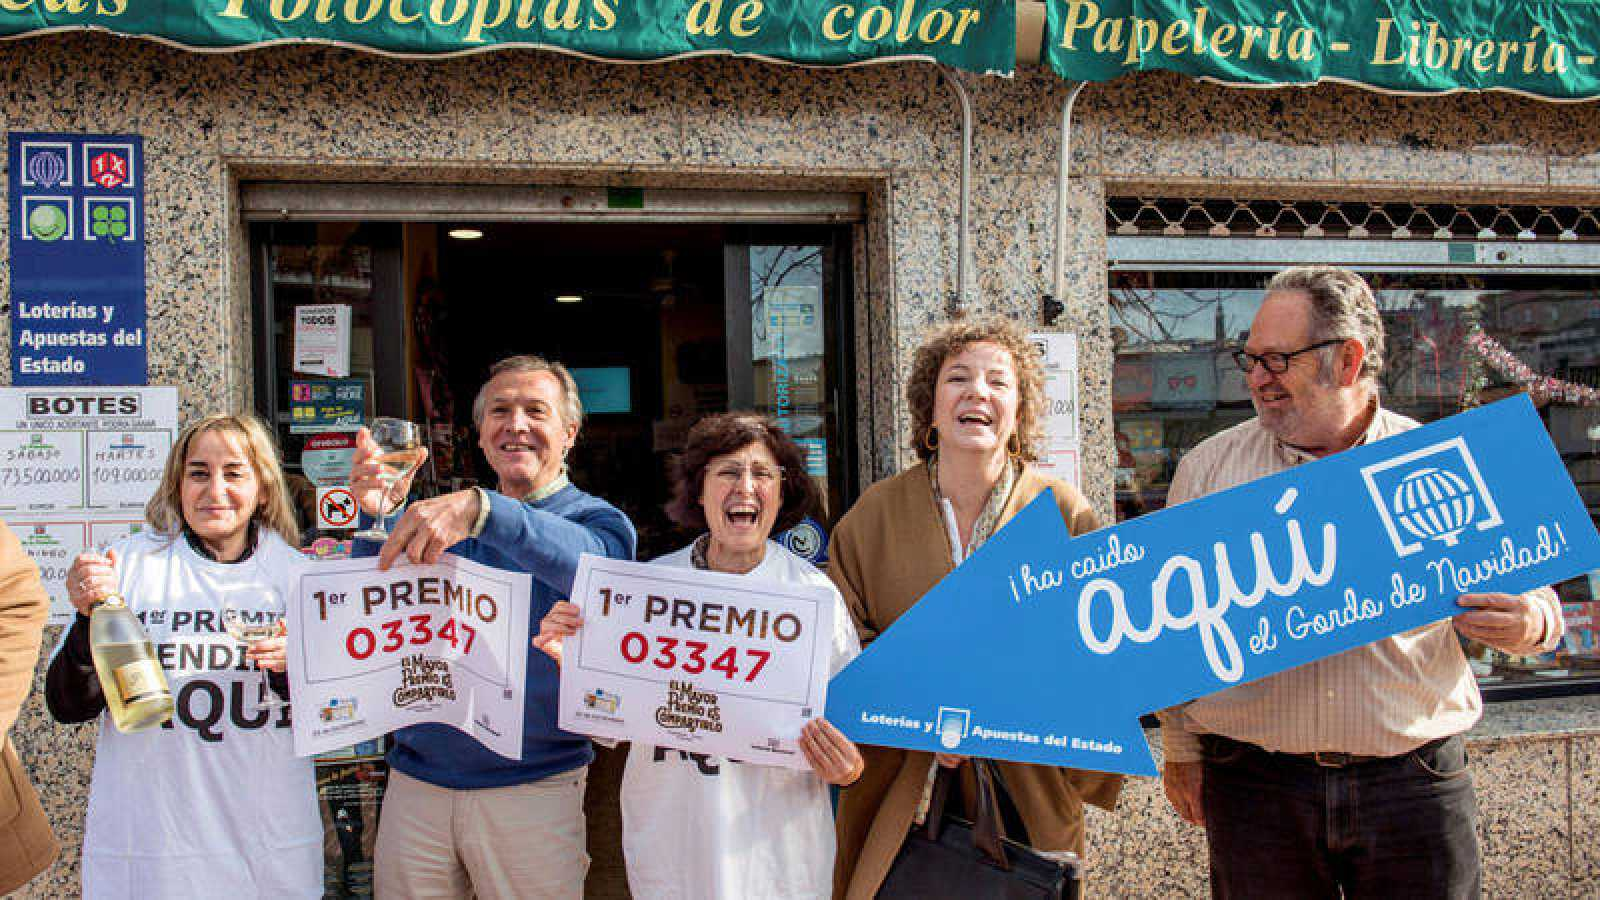 Loteria de navidad 2018, wszystkie zwycięskie liczby , Świąteczna loteria 2020